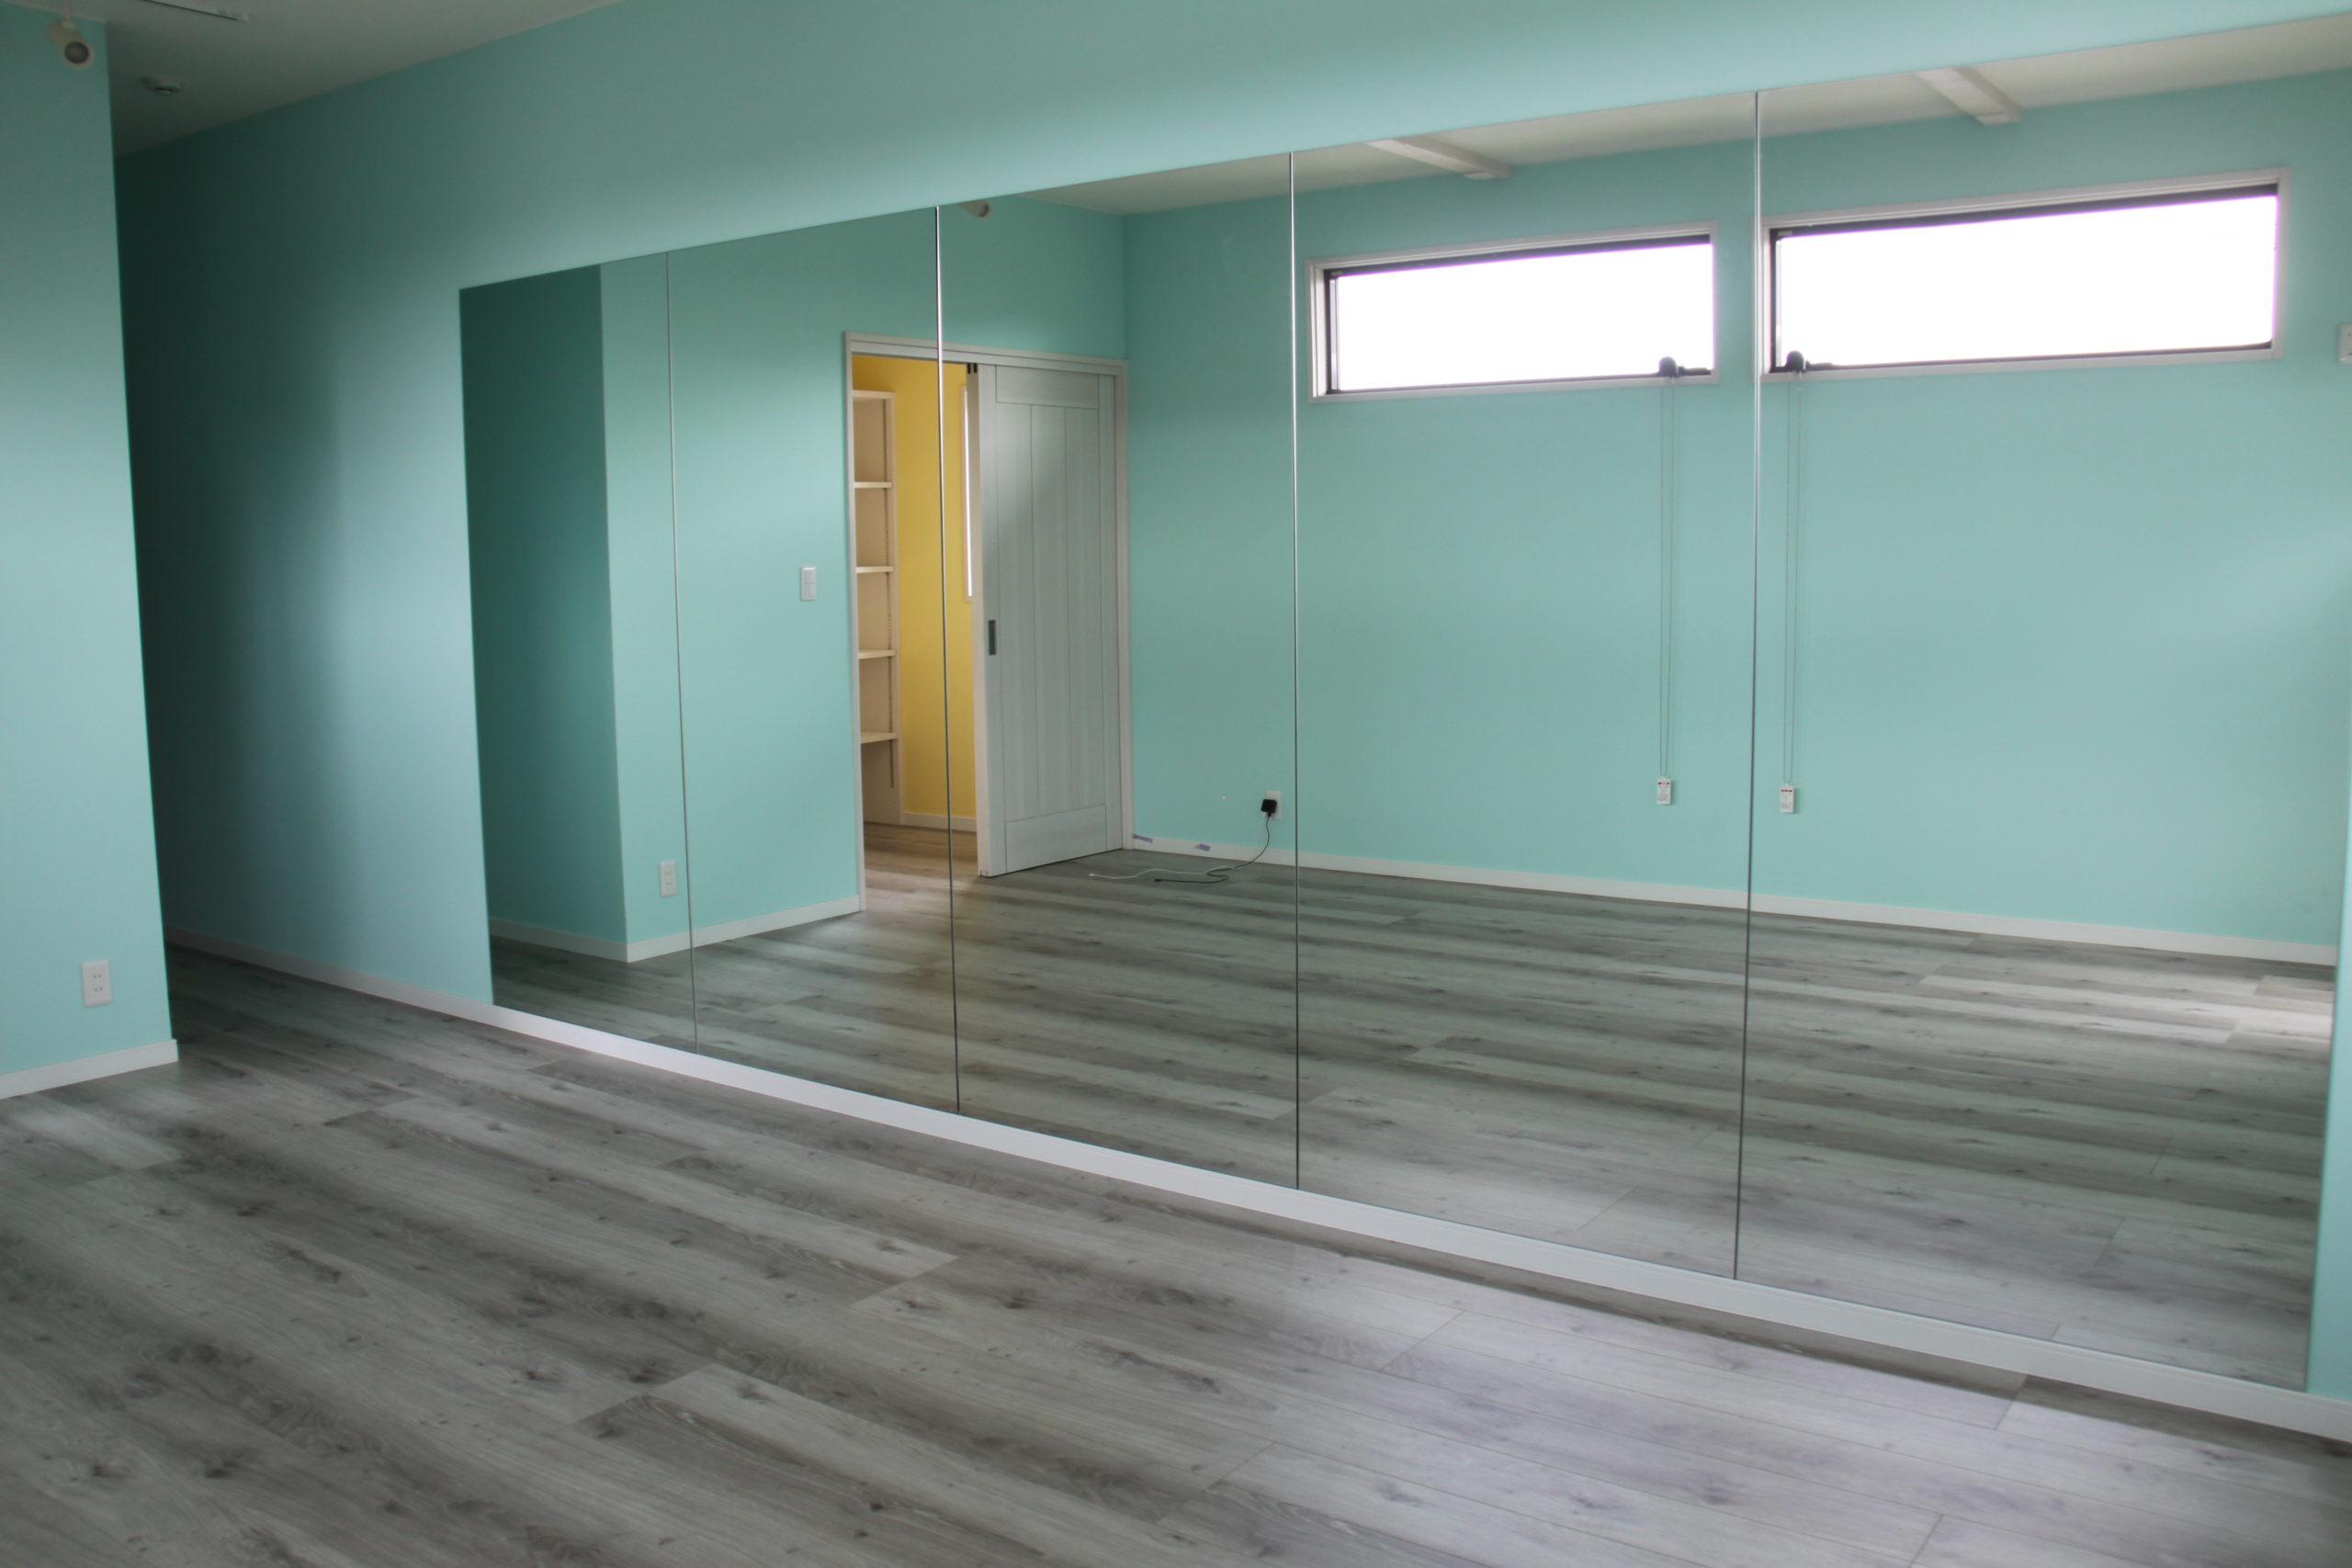 自然光が差し込む明るく心地よい空間の、こだわりのダンススタジオ。収納スペースも完備しているので安心。